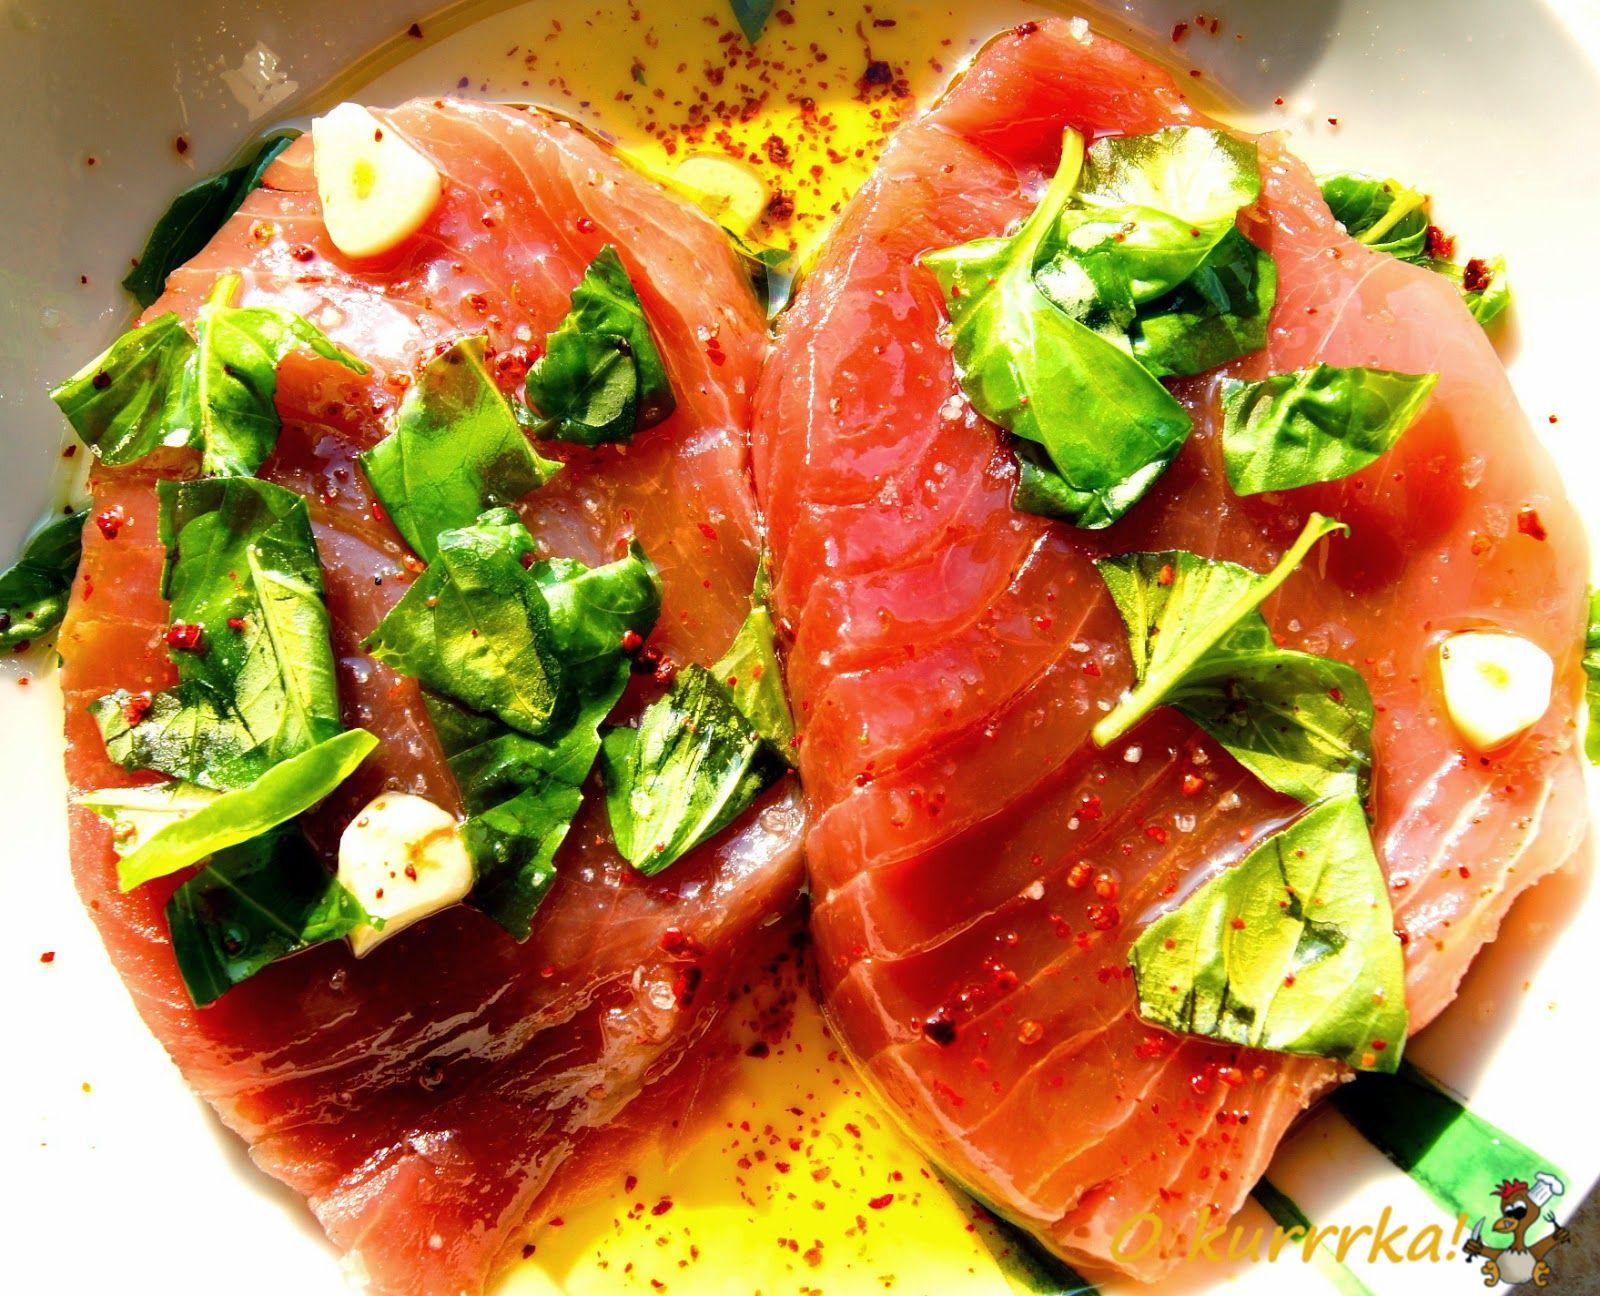 Stek z tuńczyka z pieczonymi, młodymi ziemniakami i surówką z pora. Tuńczyk.